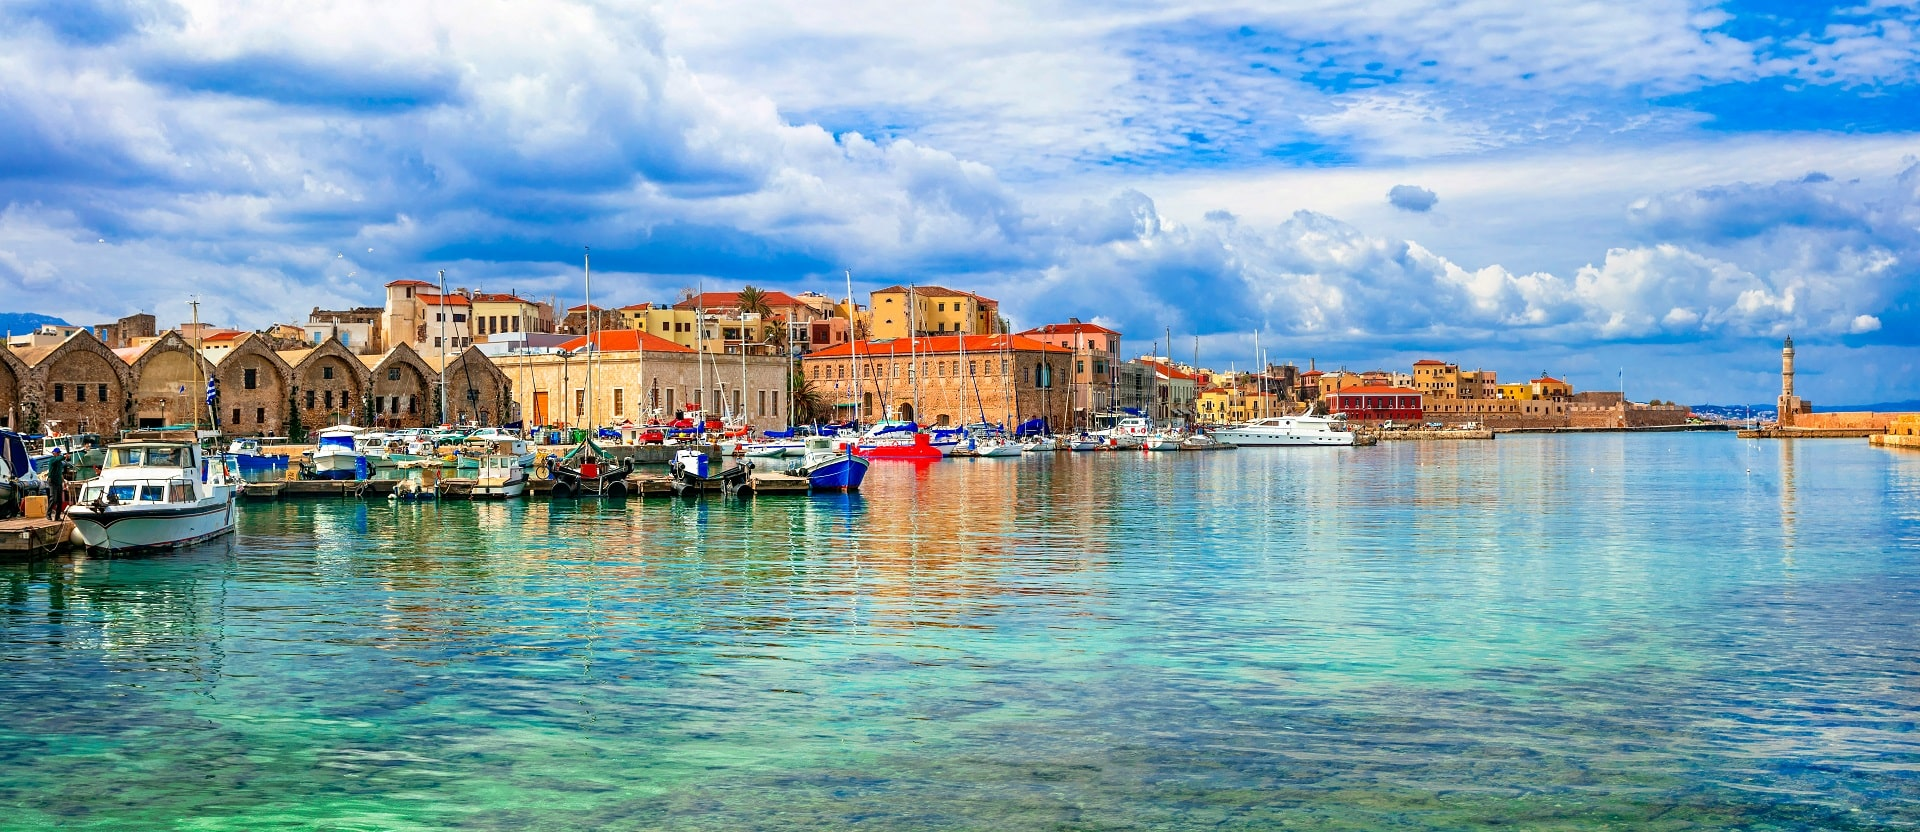 Chania-Crete